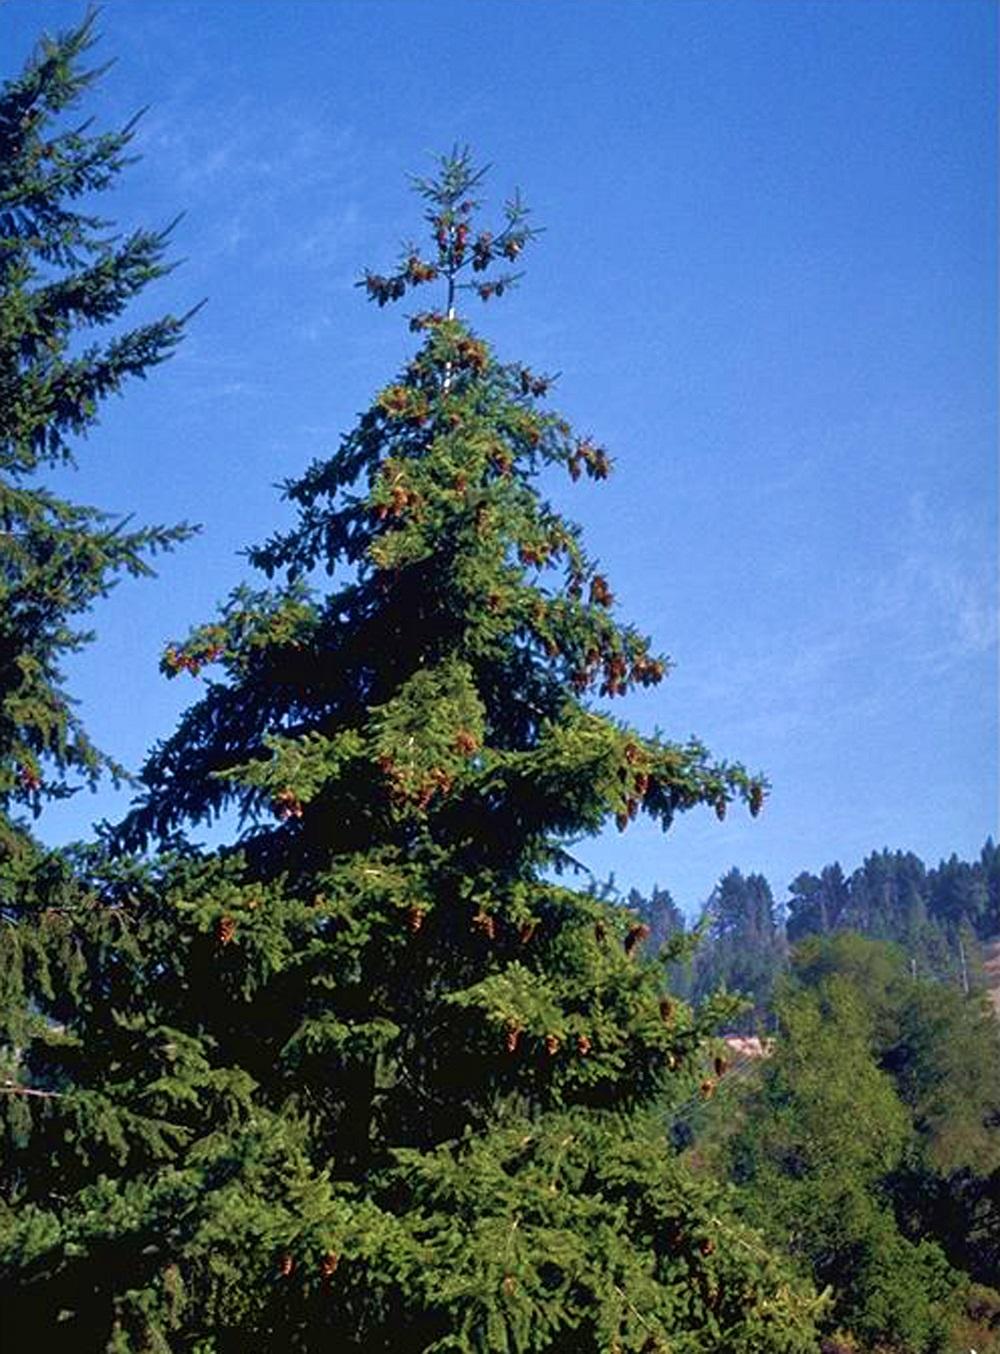 ダグラスファー立木